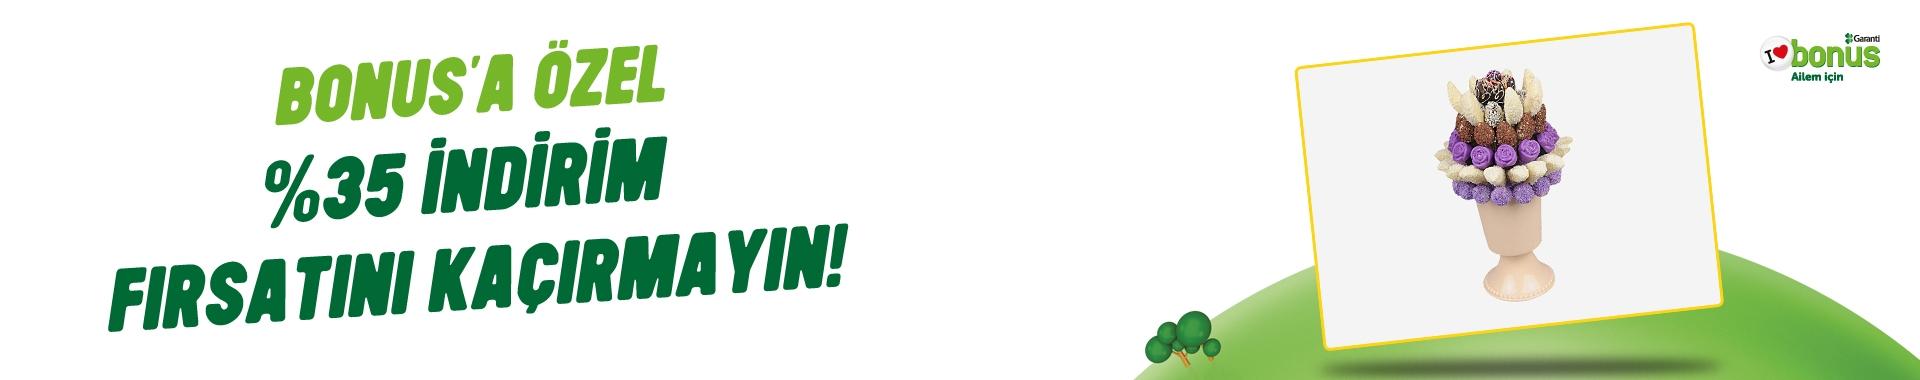 Tatlimeyve.com' da  Bonus'a  özel  %35 İndirim!